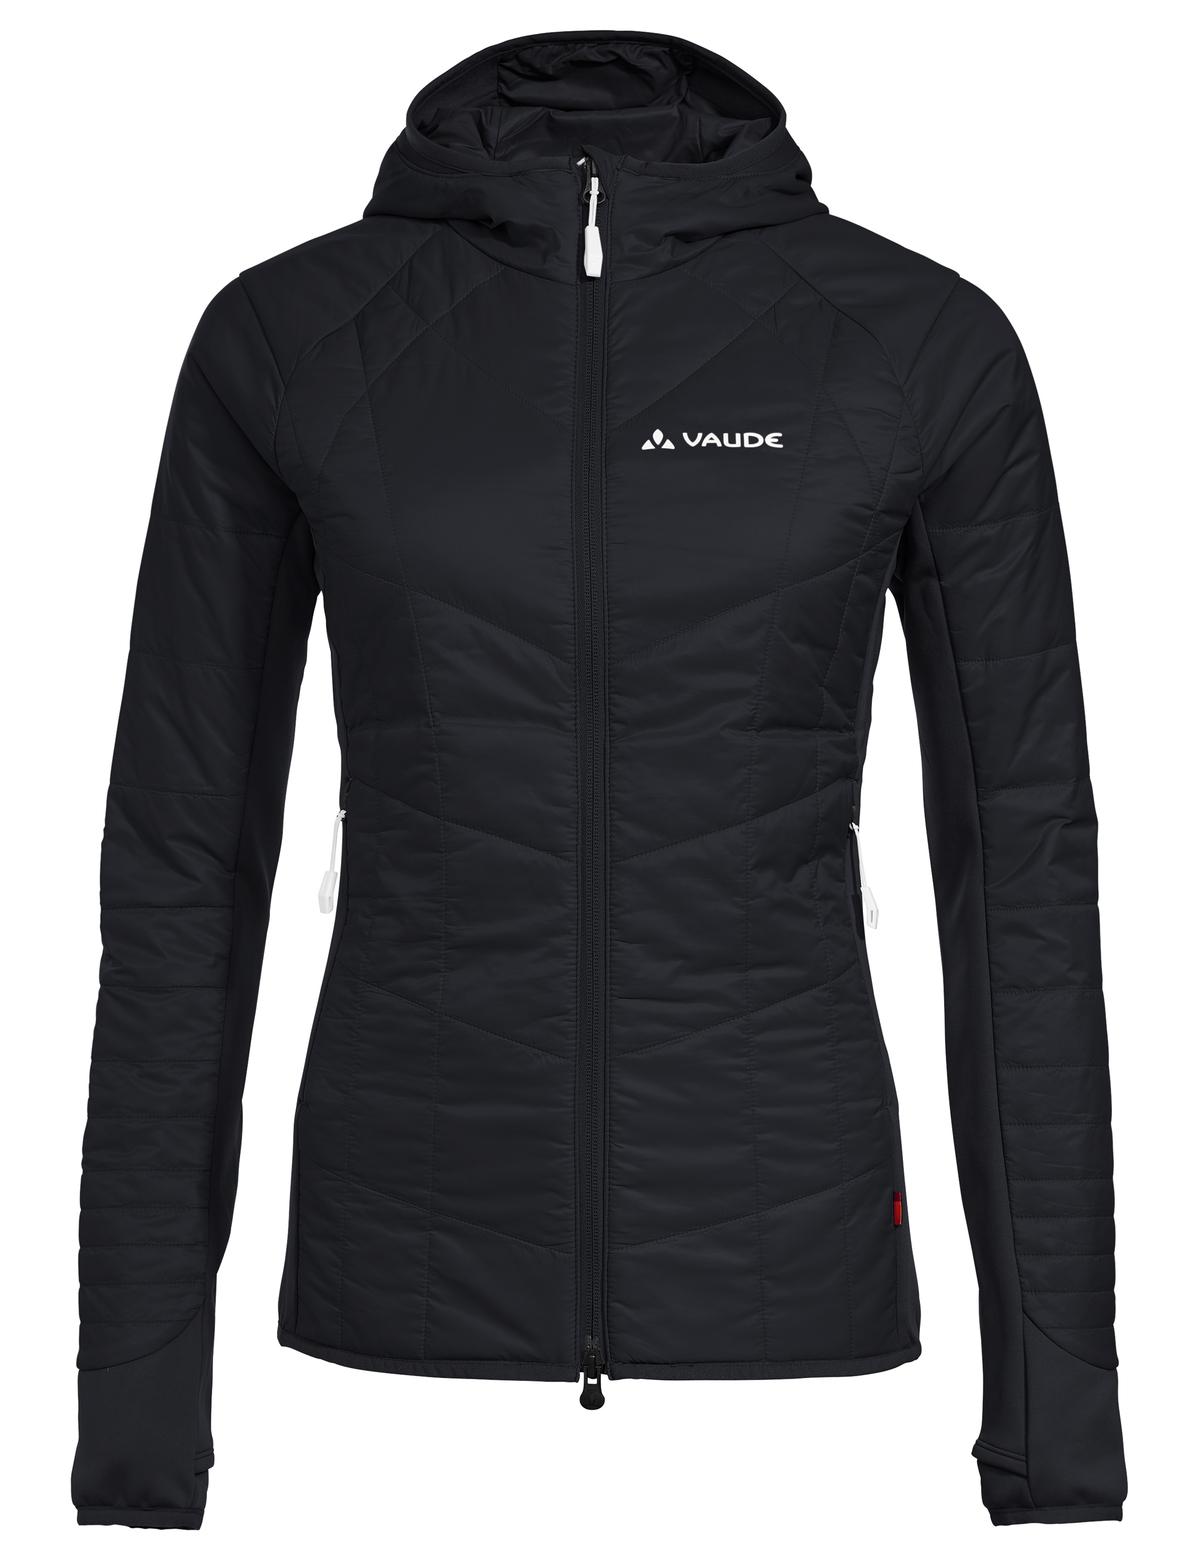 Vaude Women's Sesvenna Jacket III - Softshell jacket  - Women's